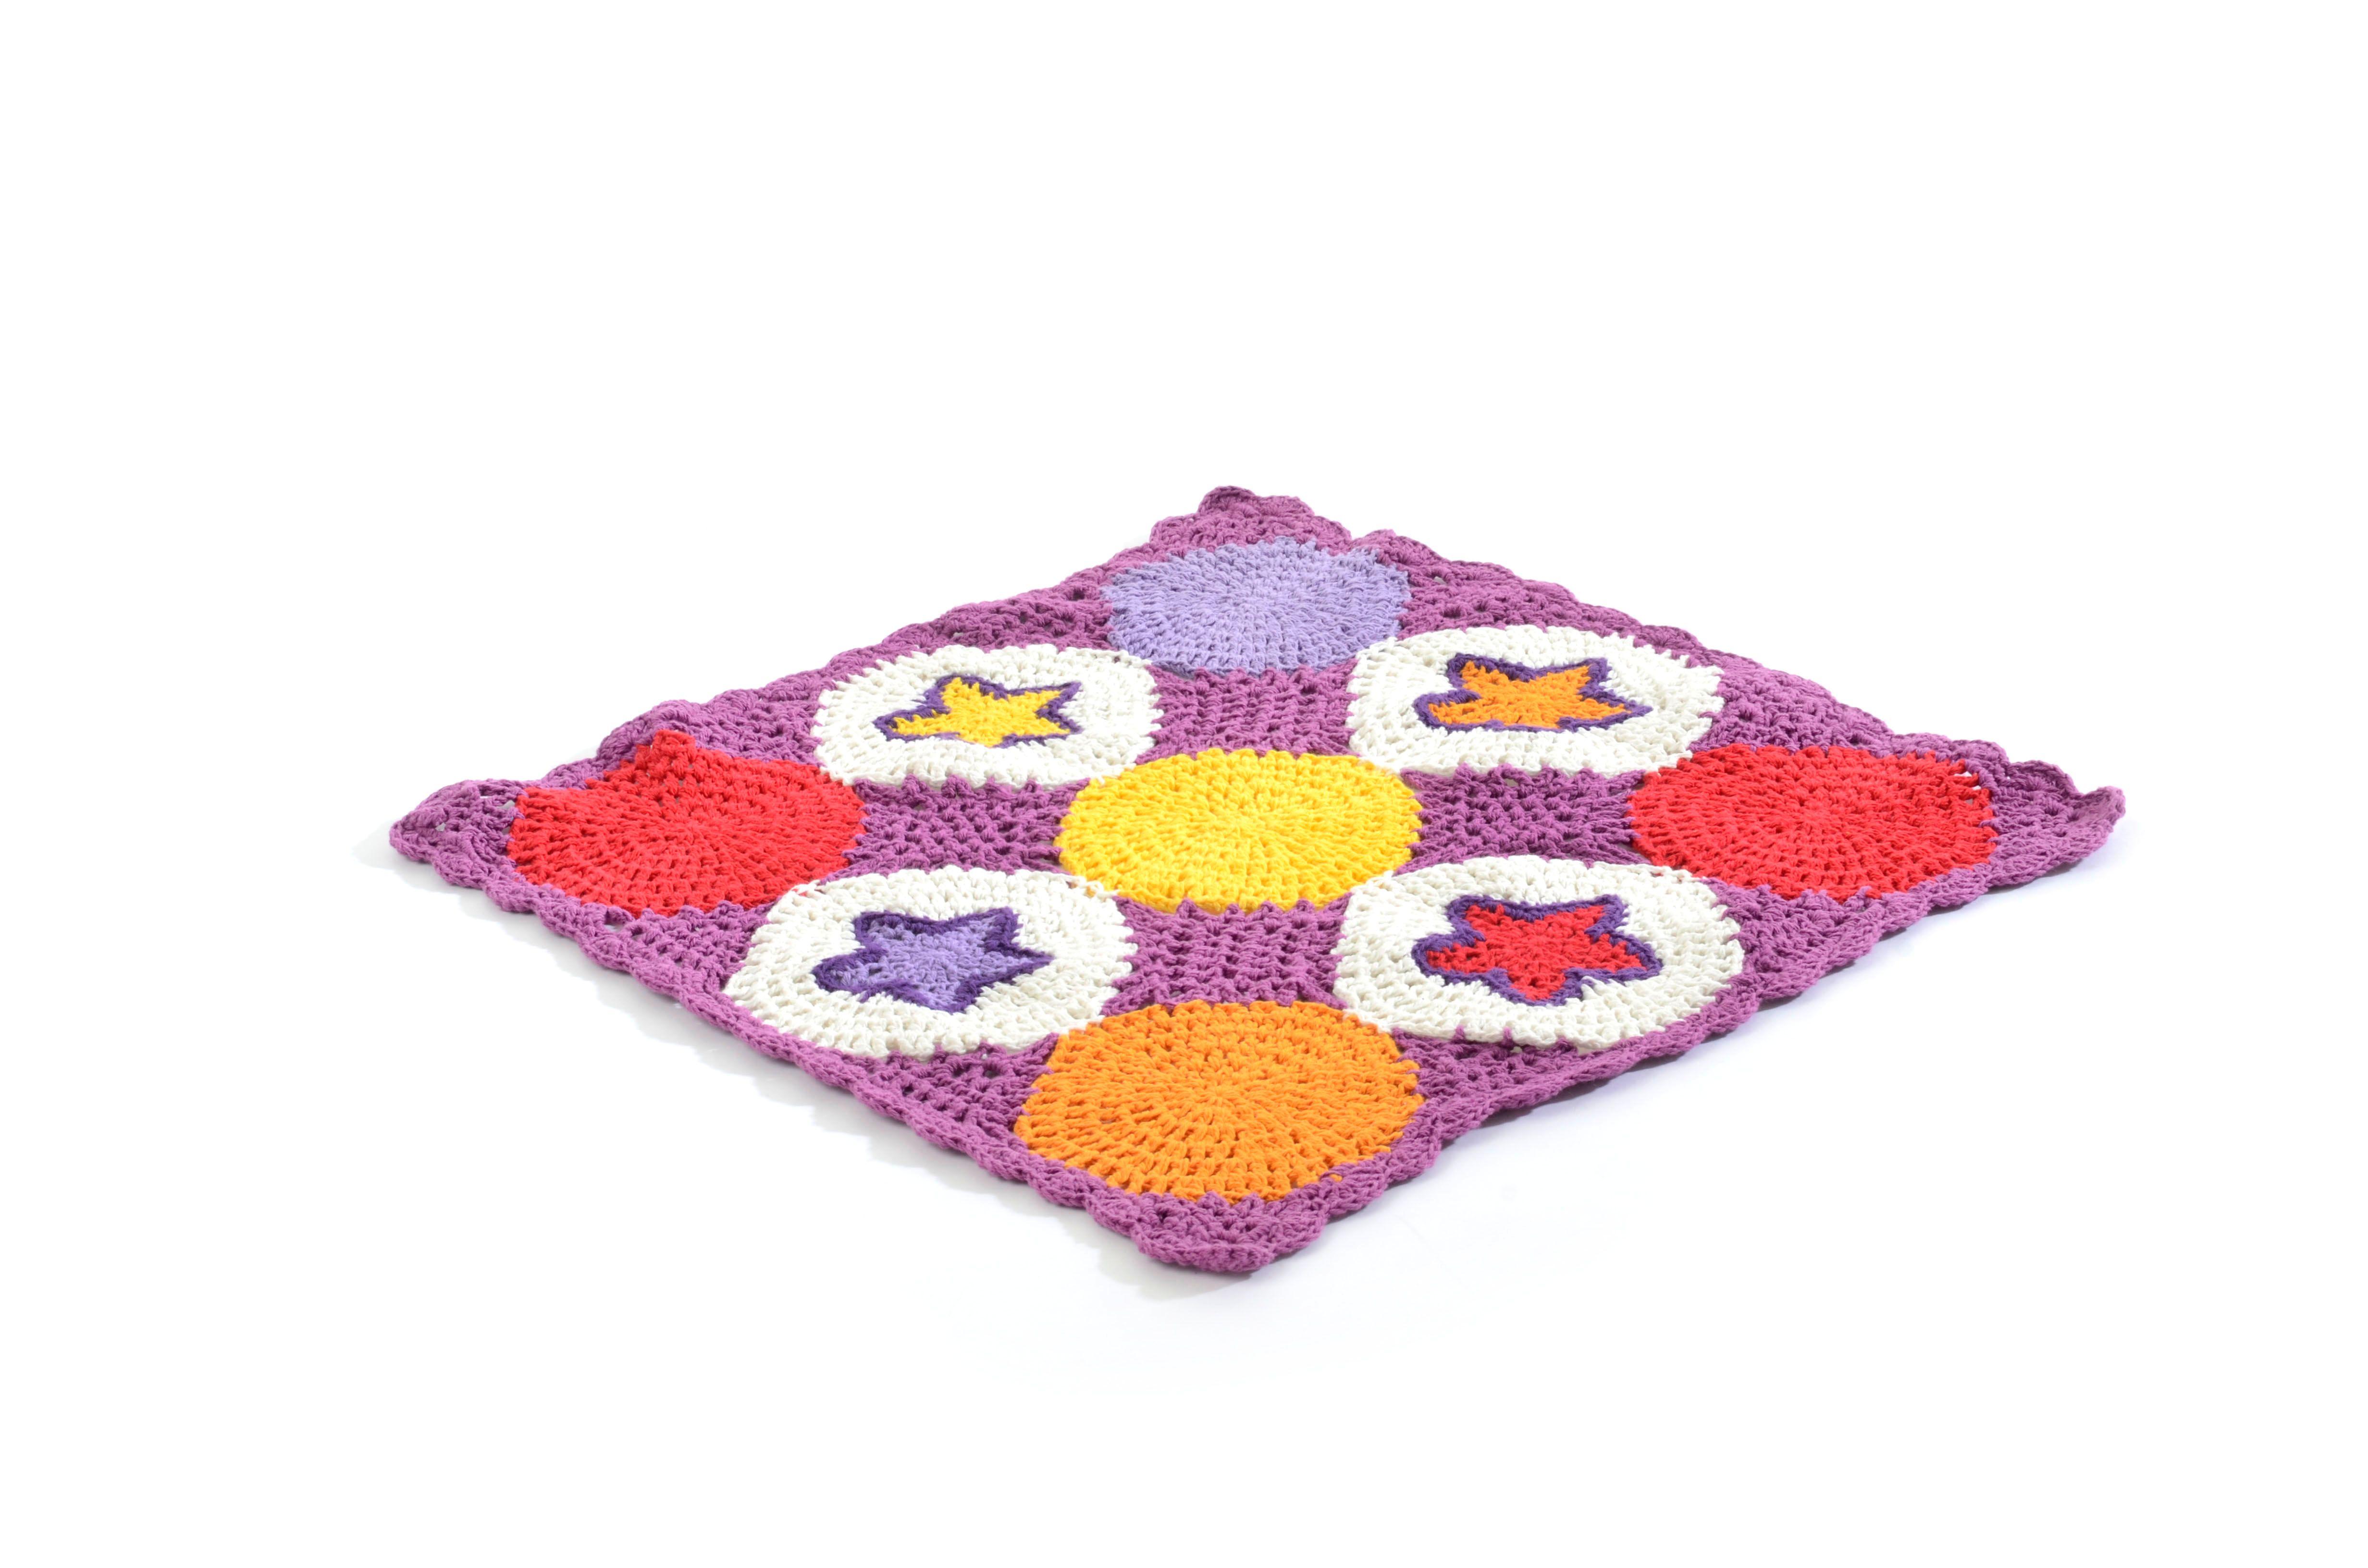 Smallstuff - Knitted Doll Blanket - Syren